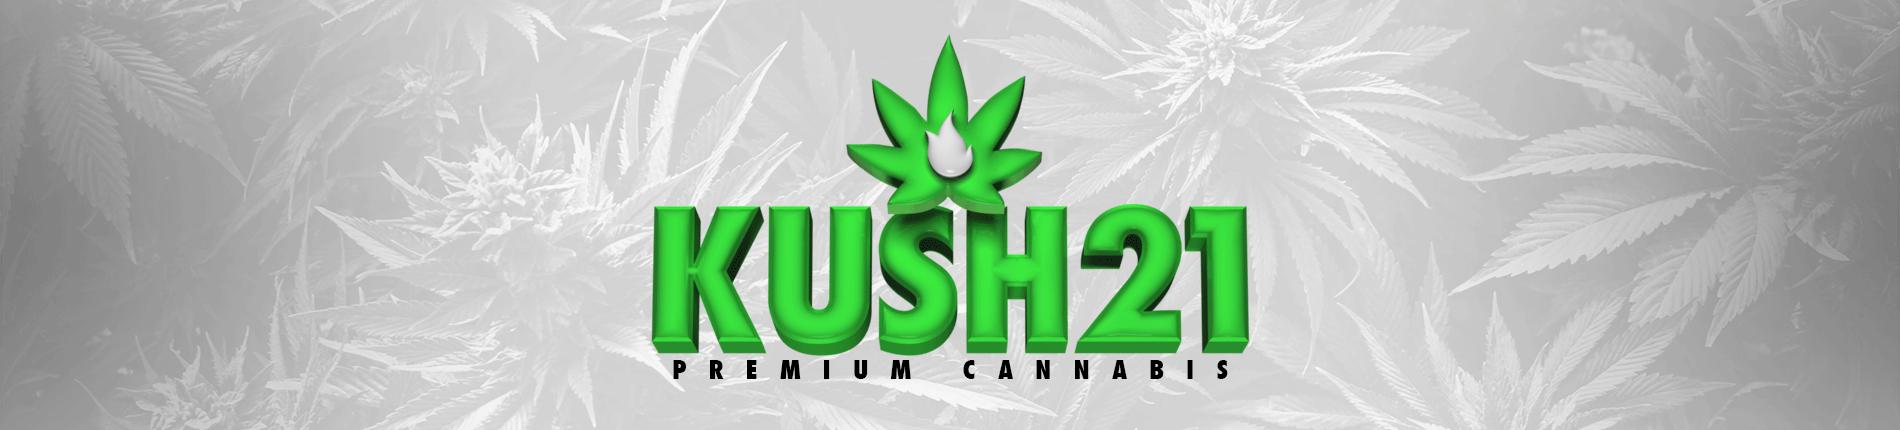 Kush 21 Home Banner